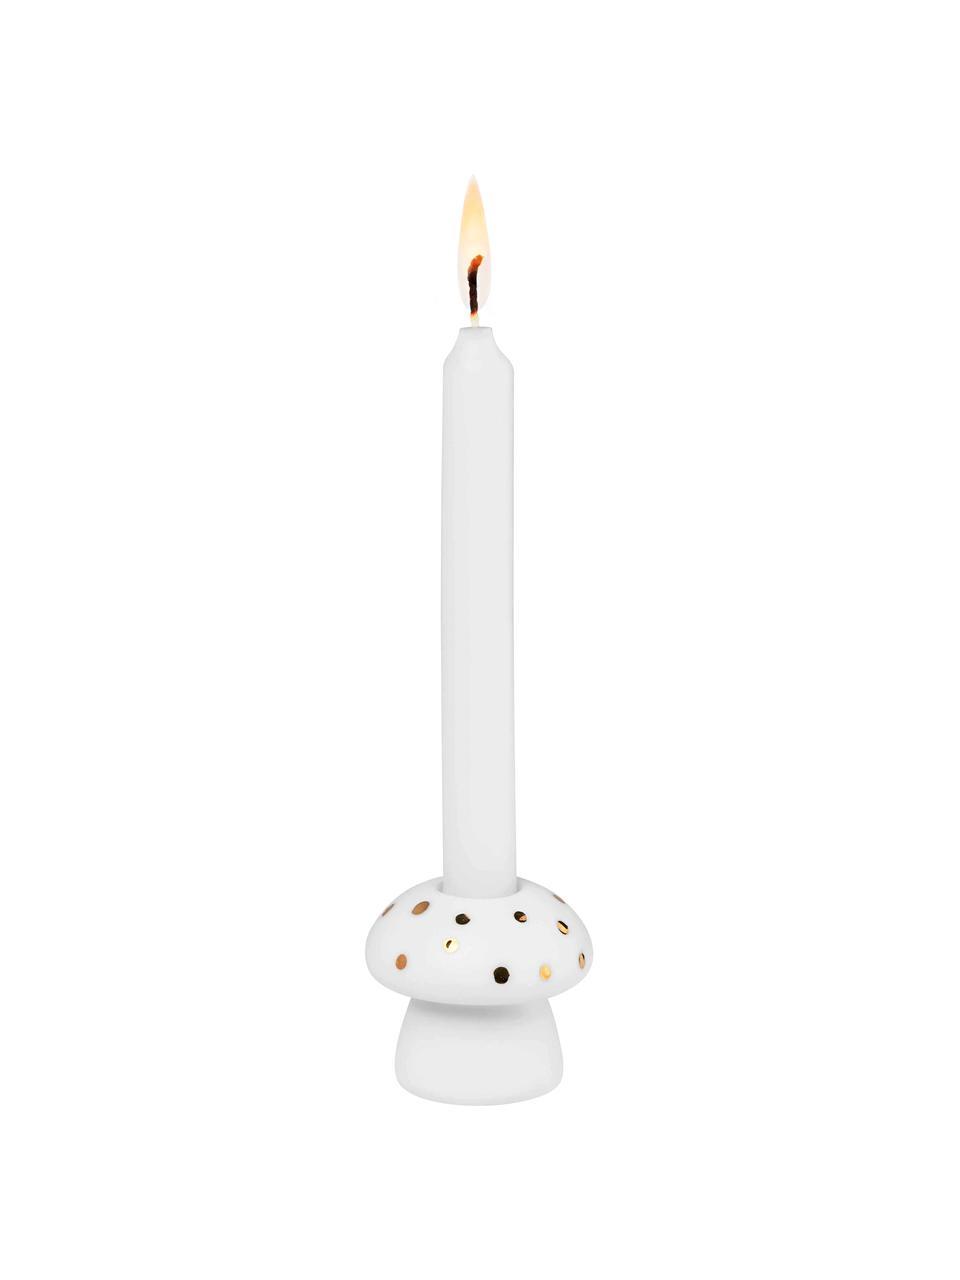 Świecznik z porcelany Pilz, 2 szt., Porcelana, Biały, odcienie złotego, Ø 4 x W 4 cm